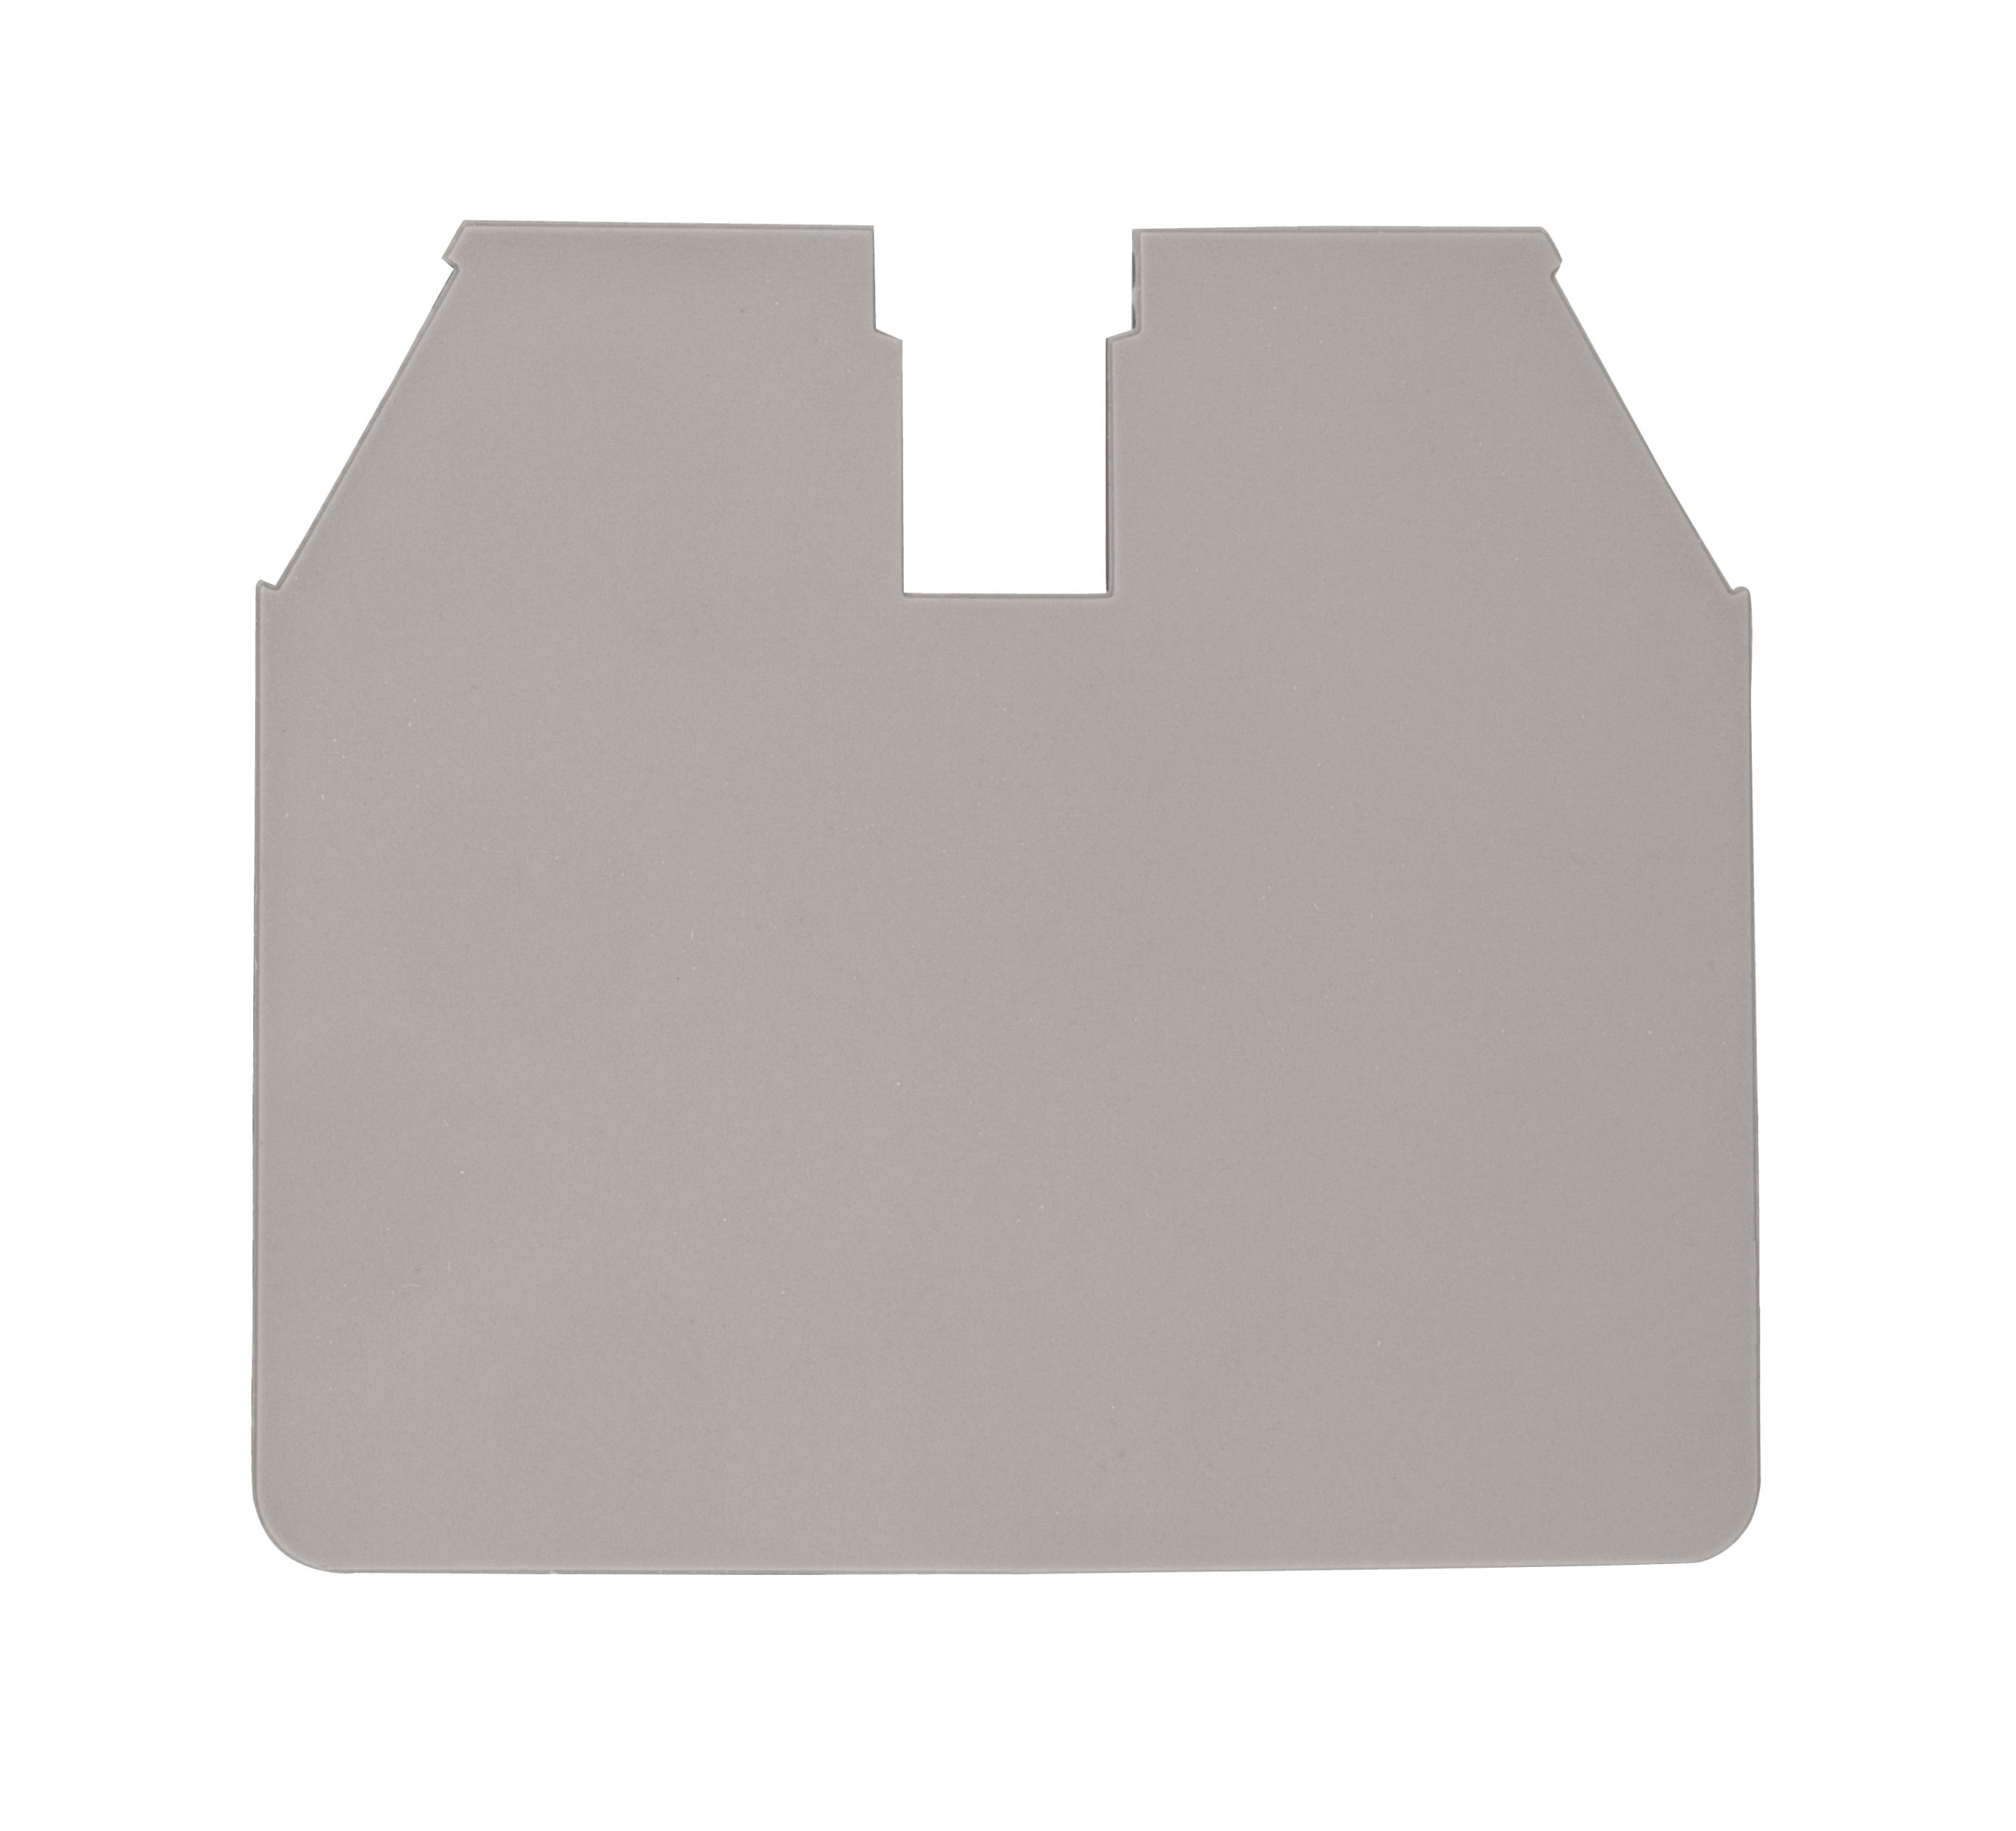 1 Stk Endplatte für Schraubklemme AVK 16 RD grau IK600216-A